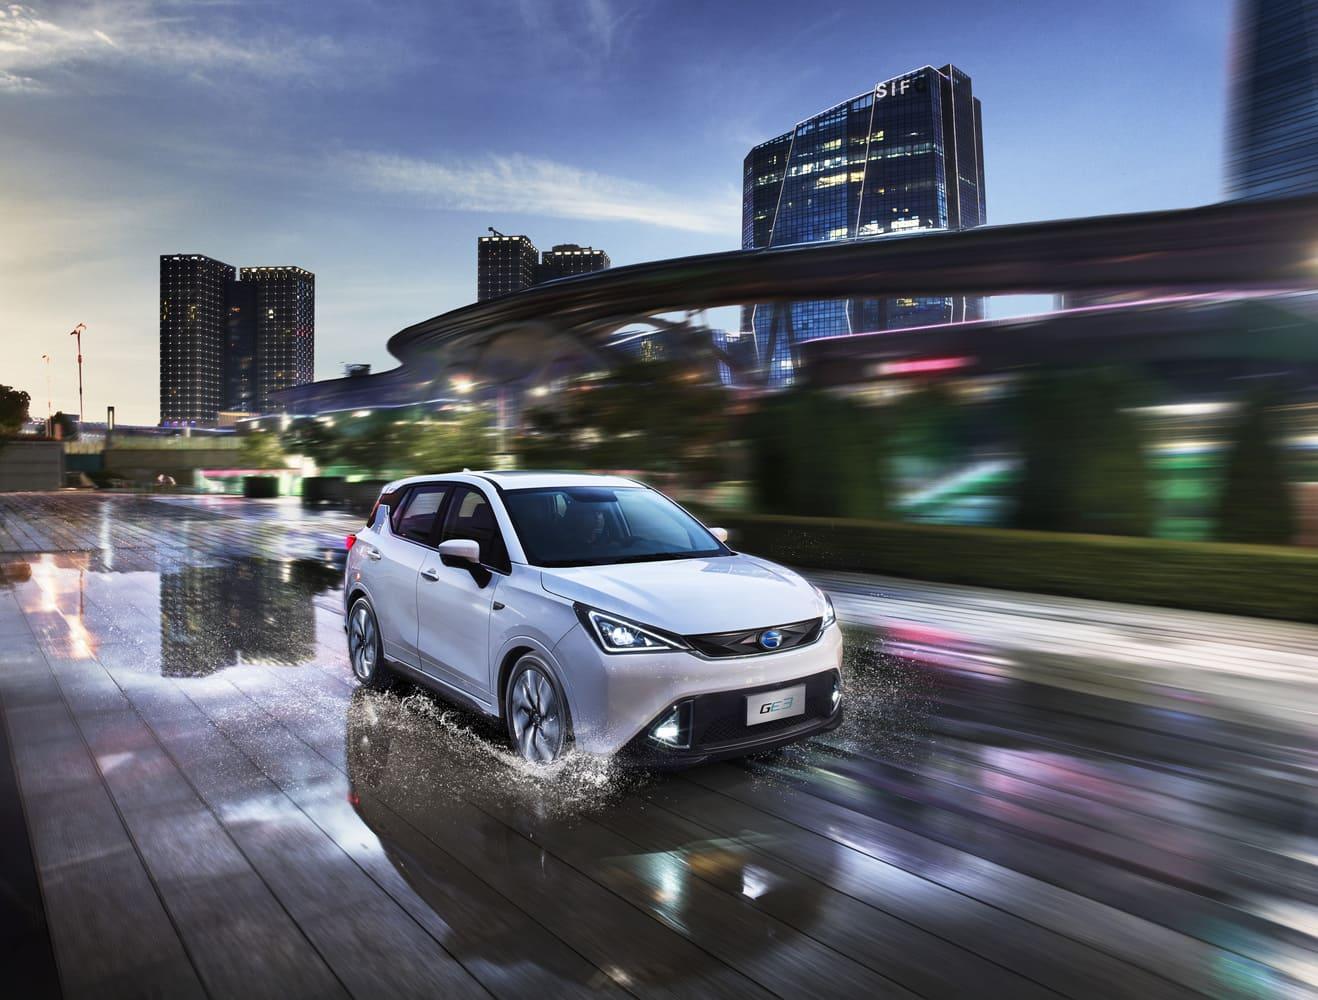 ברכב החשמלי הבטיחות קודמת לכל